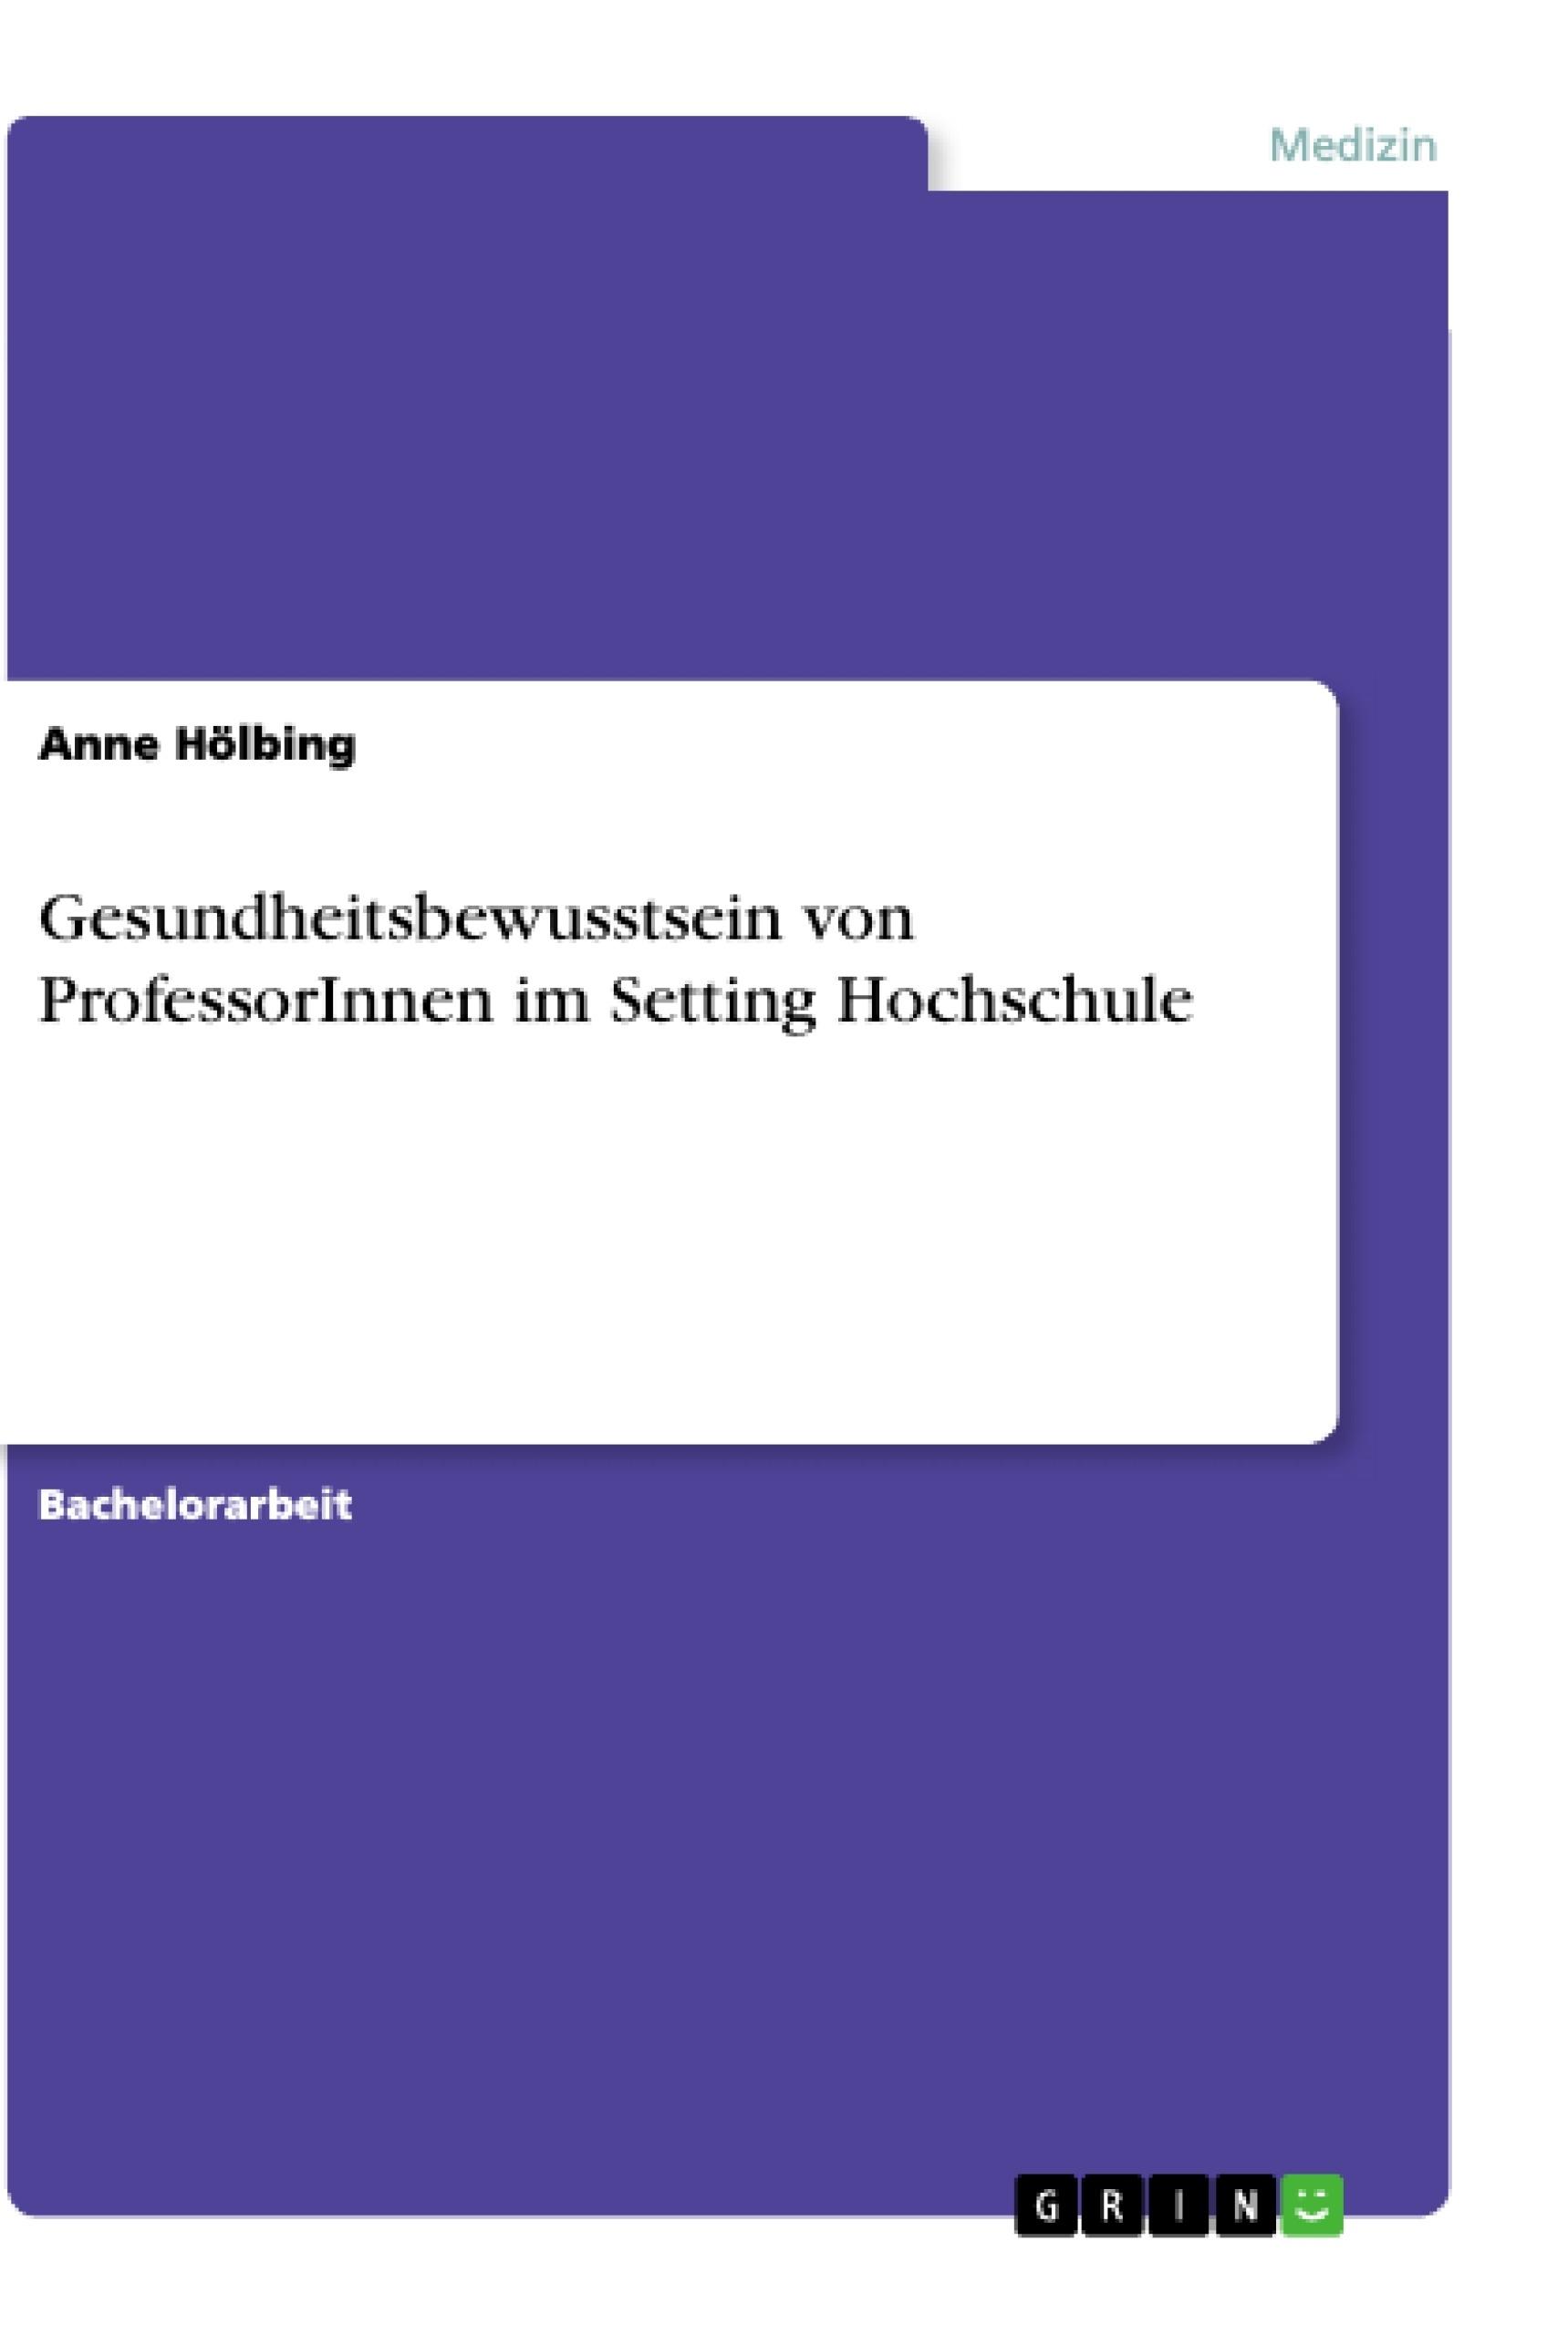 Titel: Gesundheitsbewusstsein von ProfessorInnen im Setting Hochschule